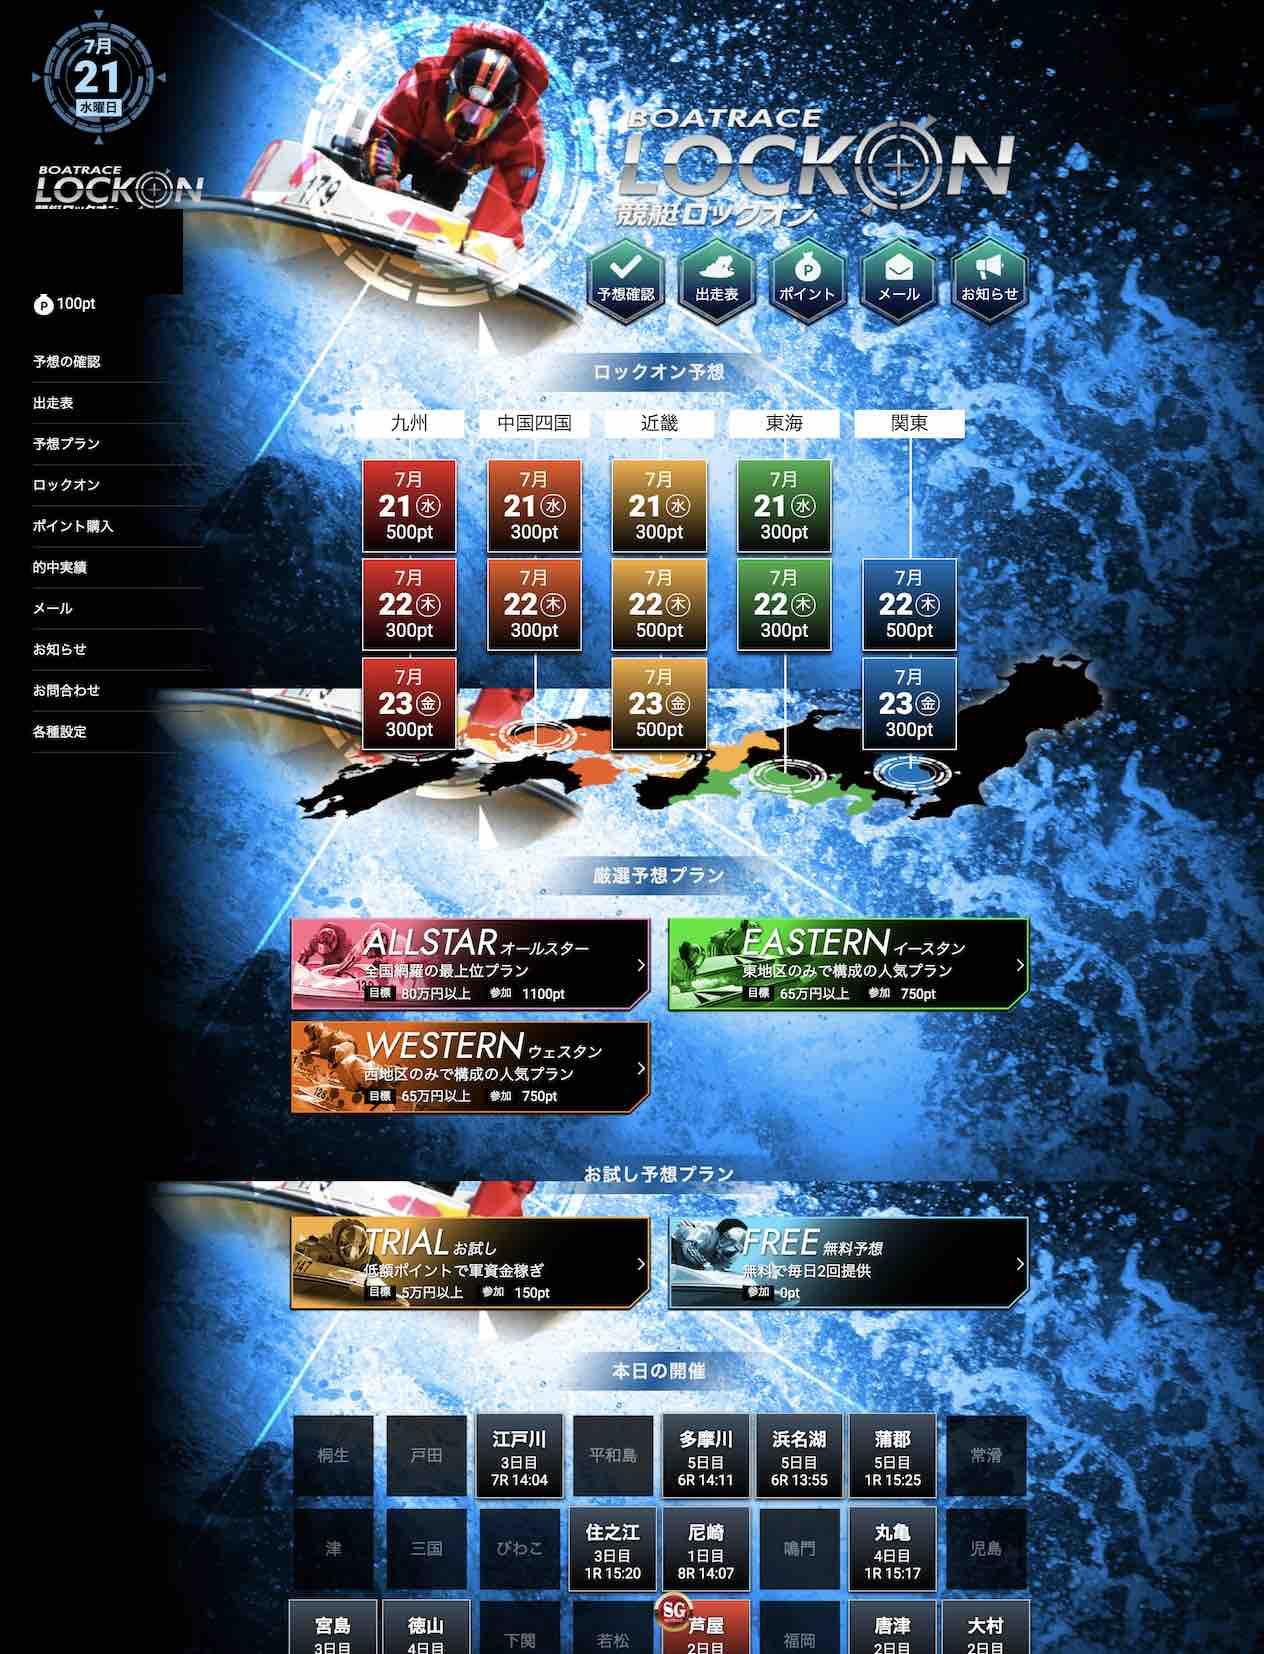 競艇ロックオンという競艇予想サイトの会員ページ